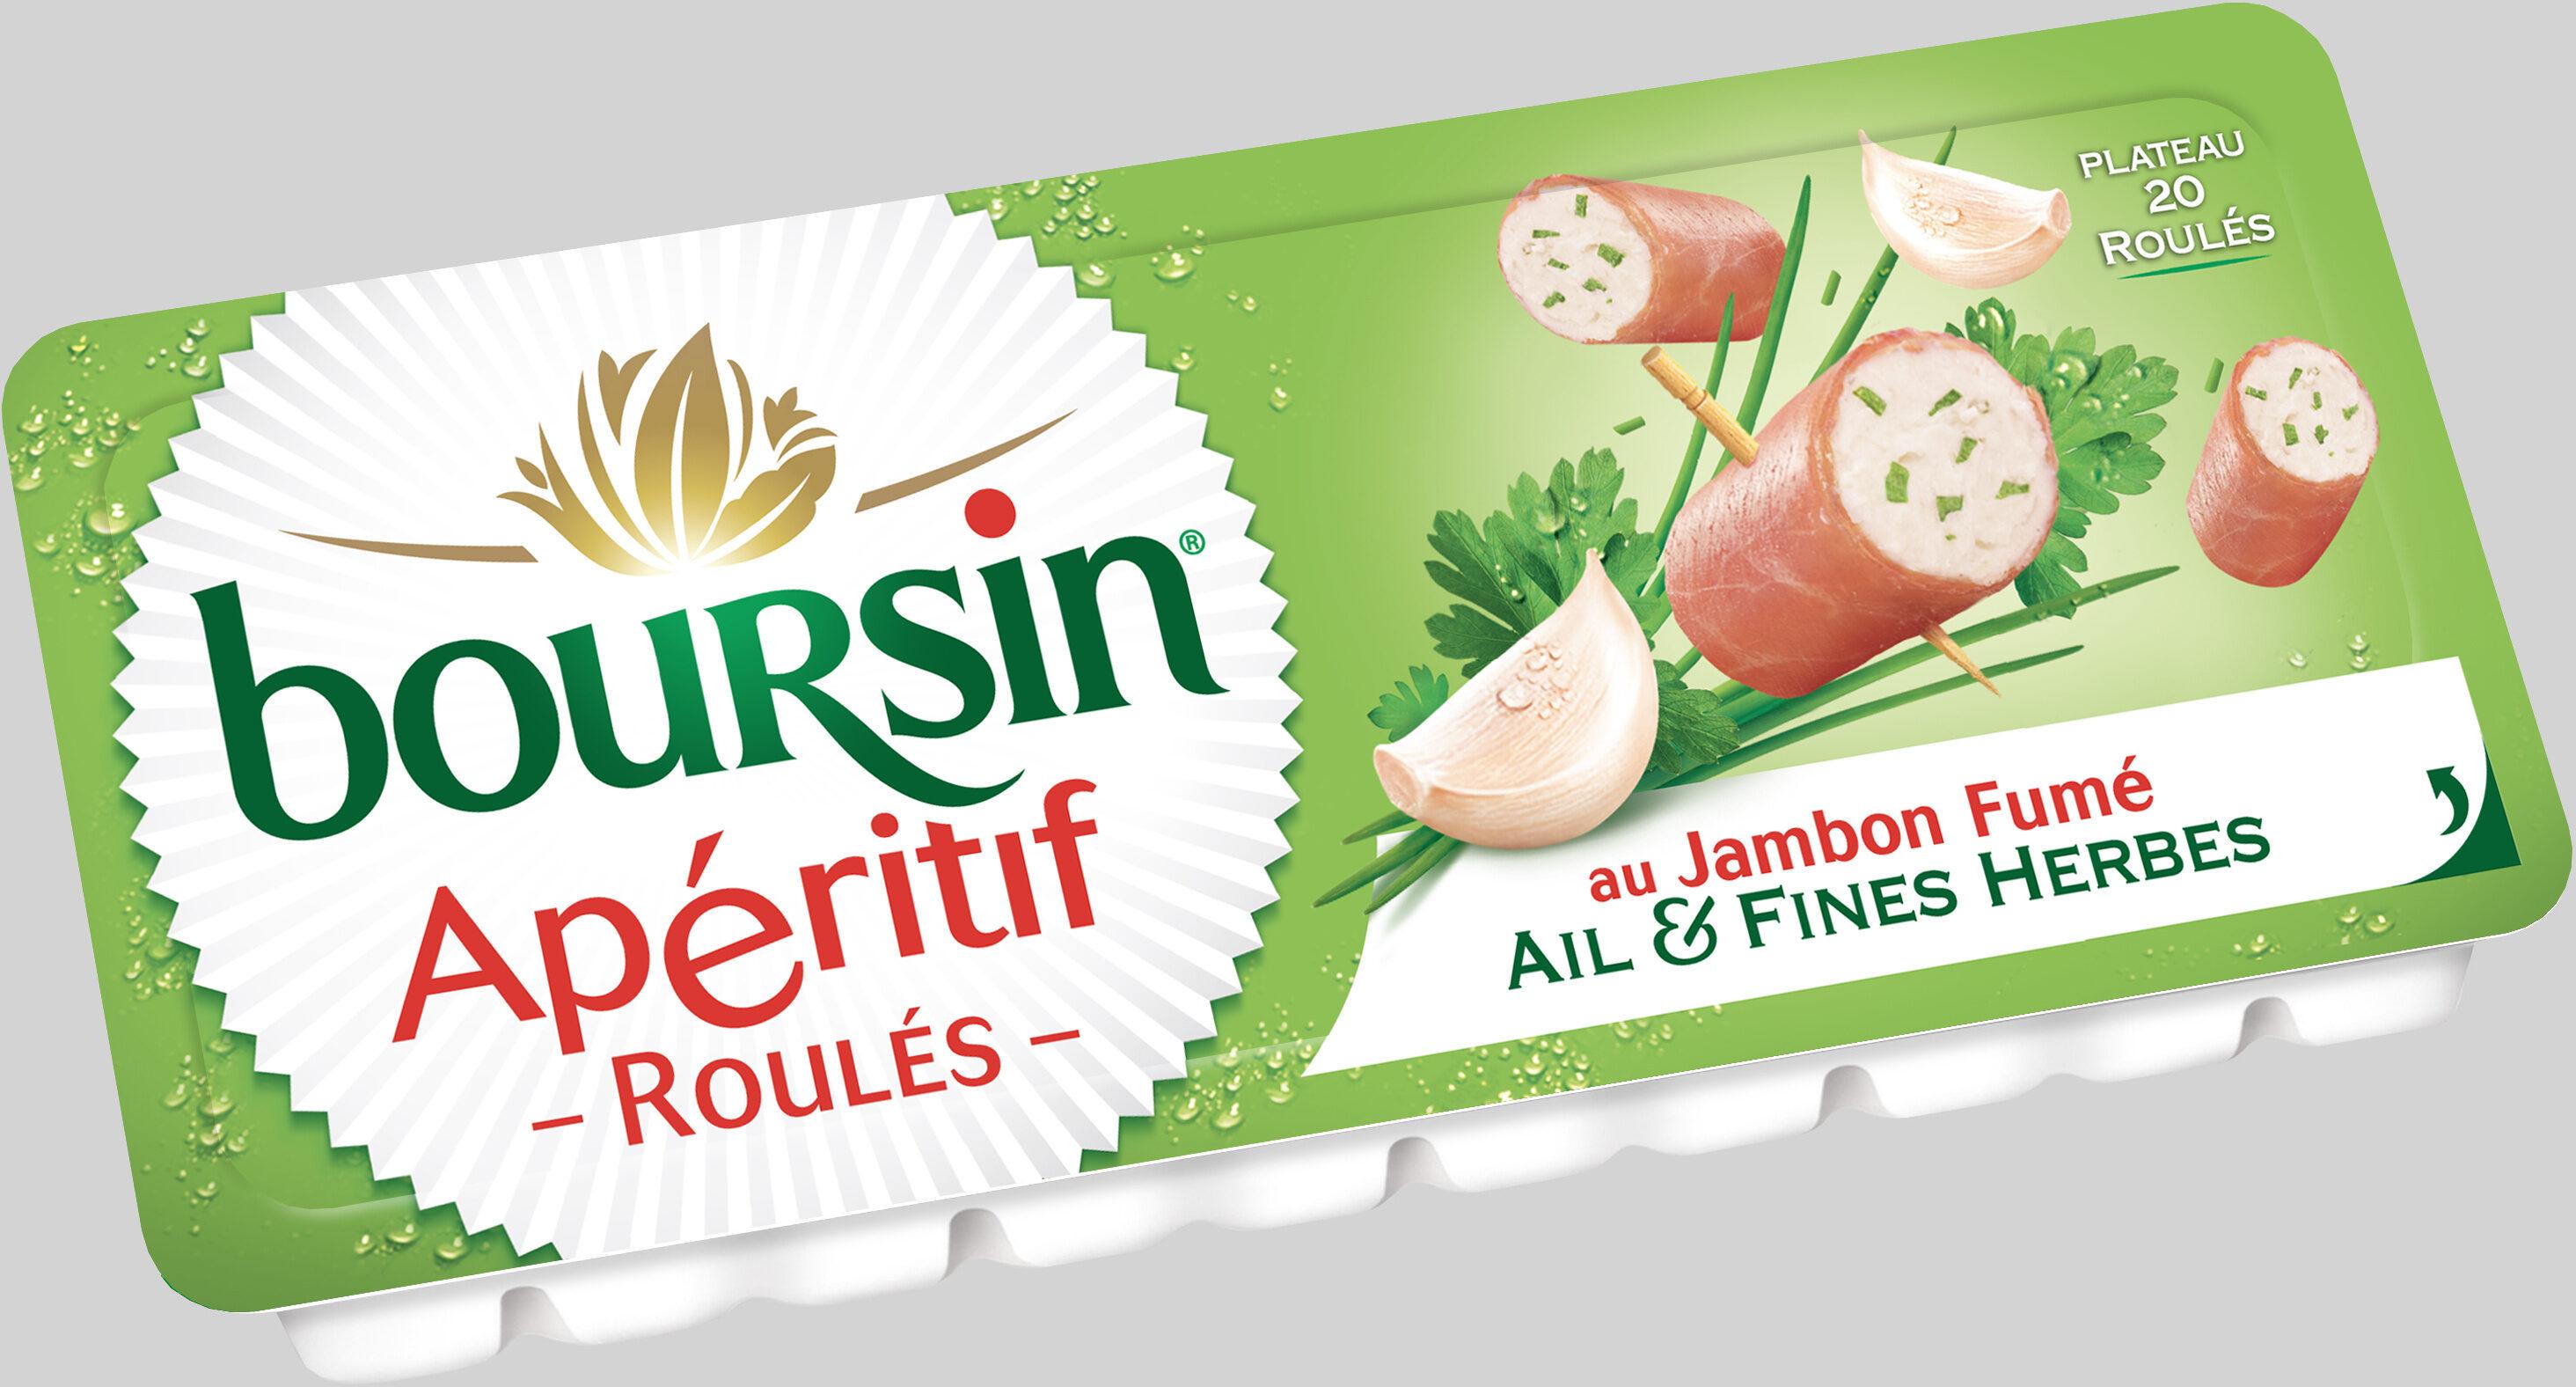 Les Roulés Boursin de Jambon Fumé (Ail & Fines Herbes) Plateau 20 Roulés - Produit - fr